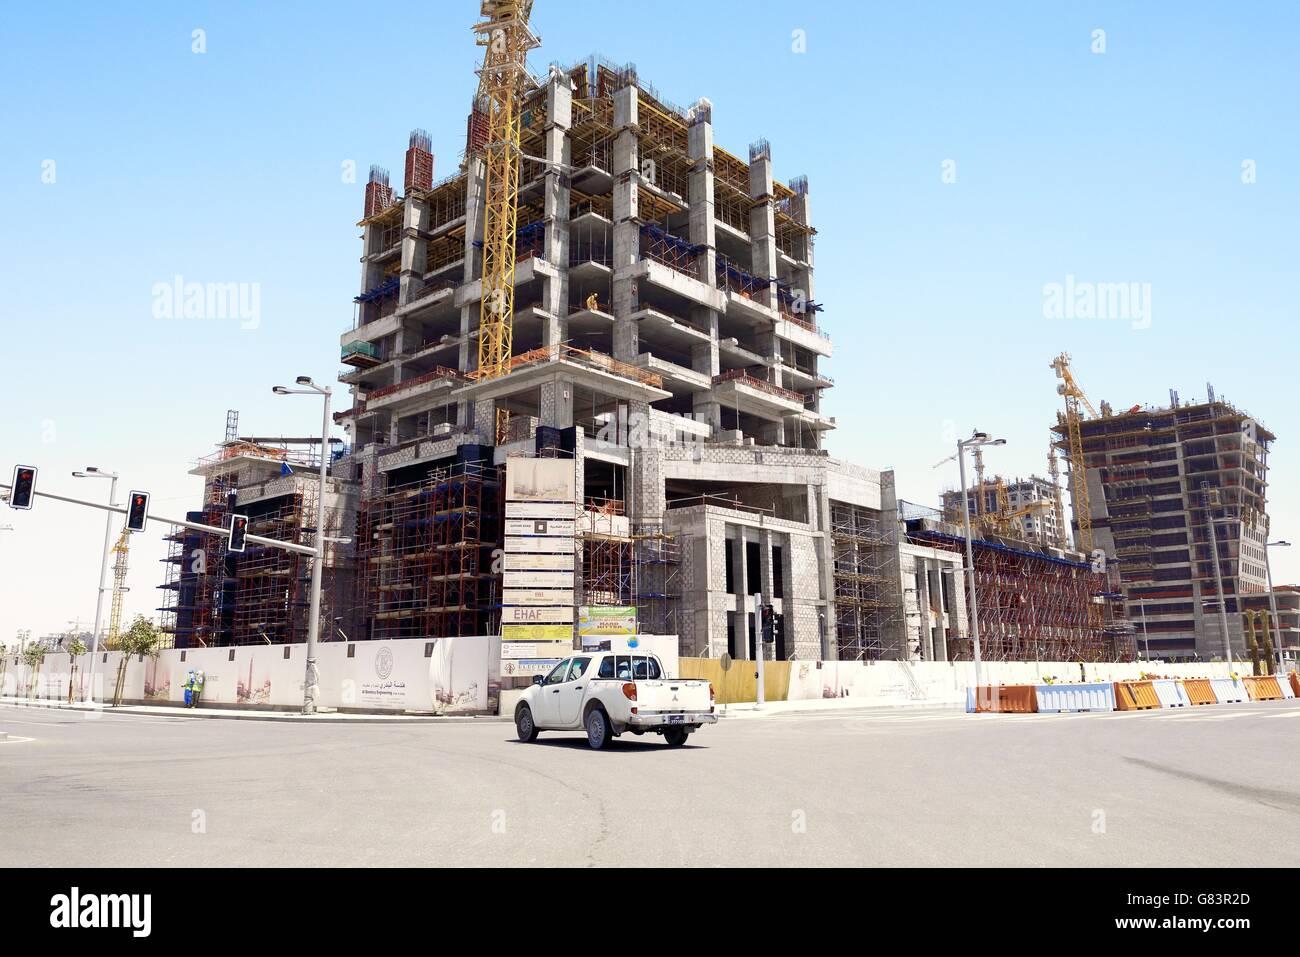 Al bandary engineering's commercial tower en construction. quartier du port de plaisance du développement Photo Stock